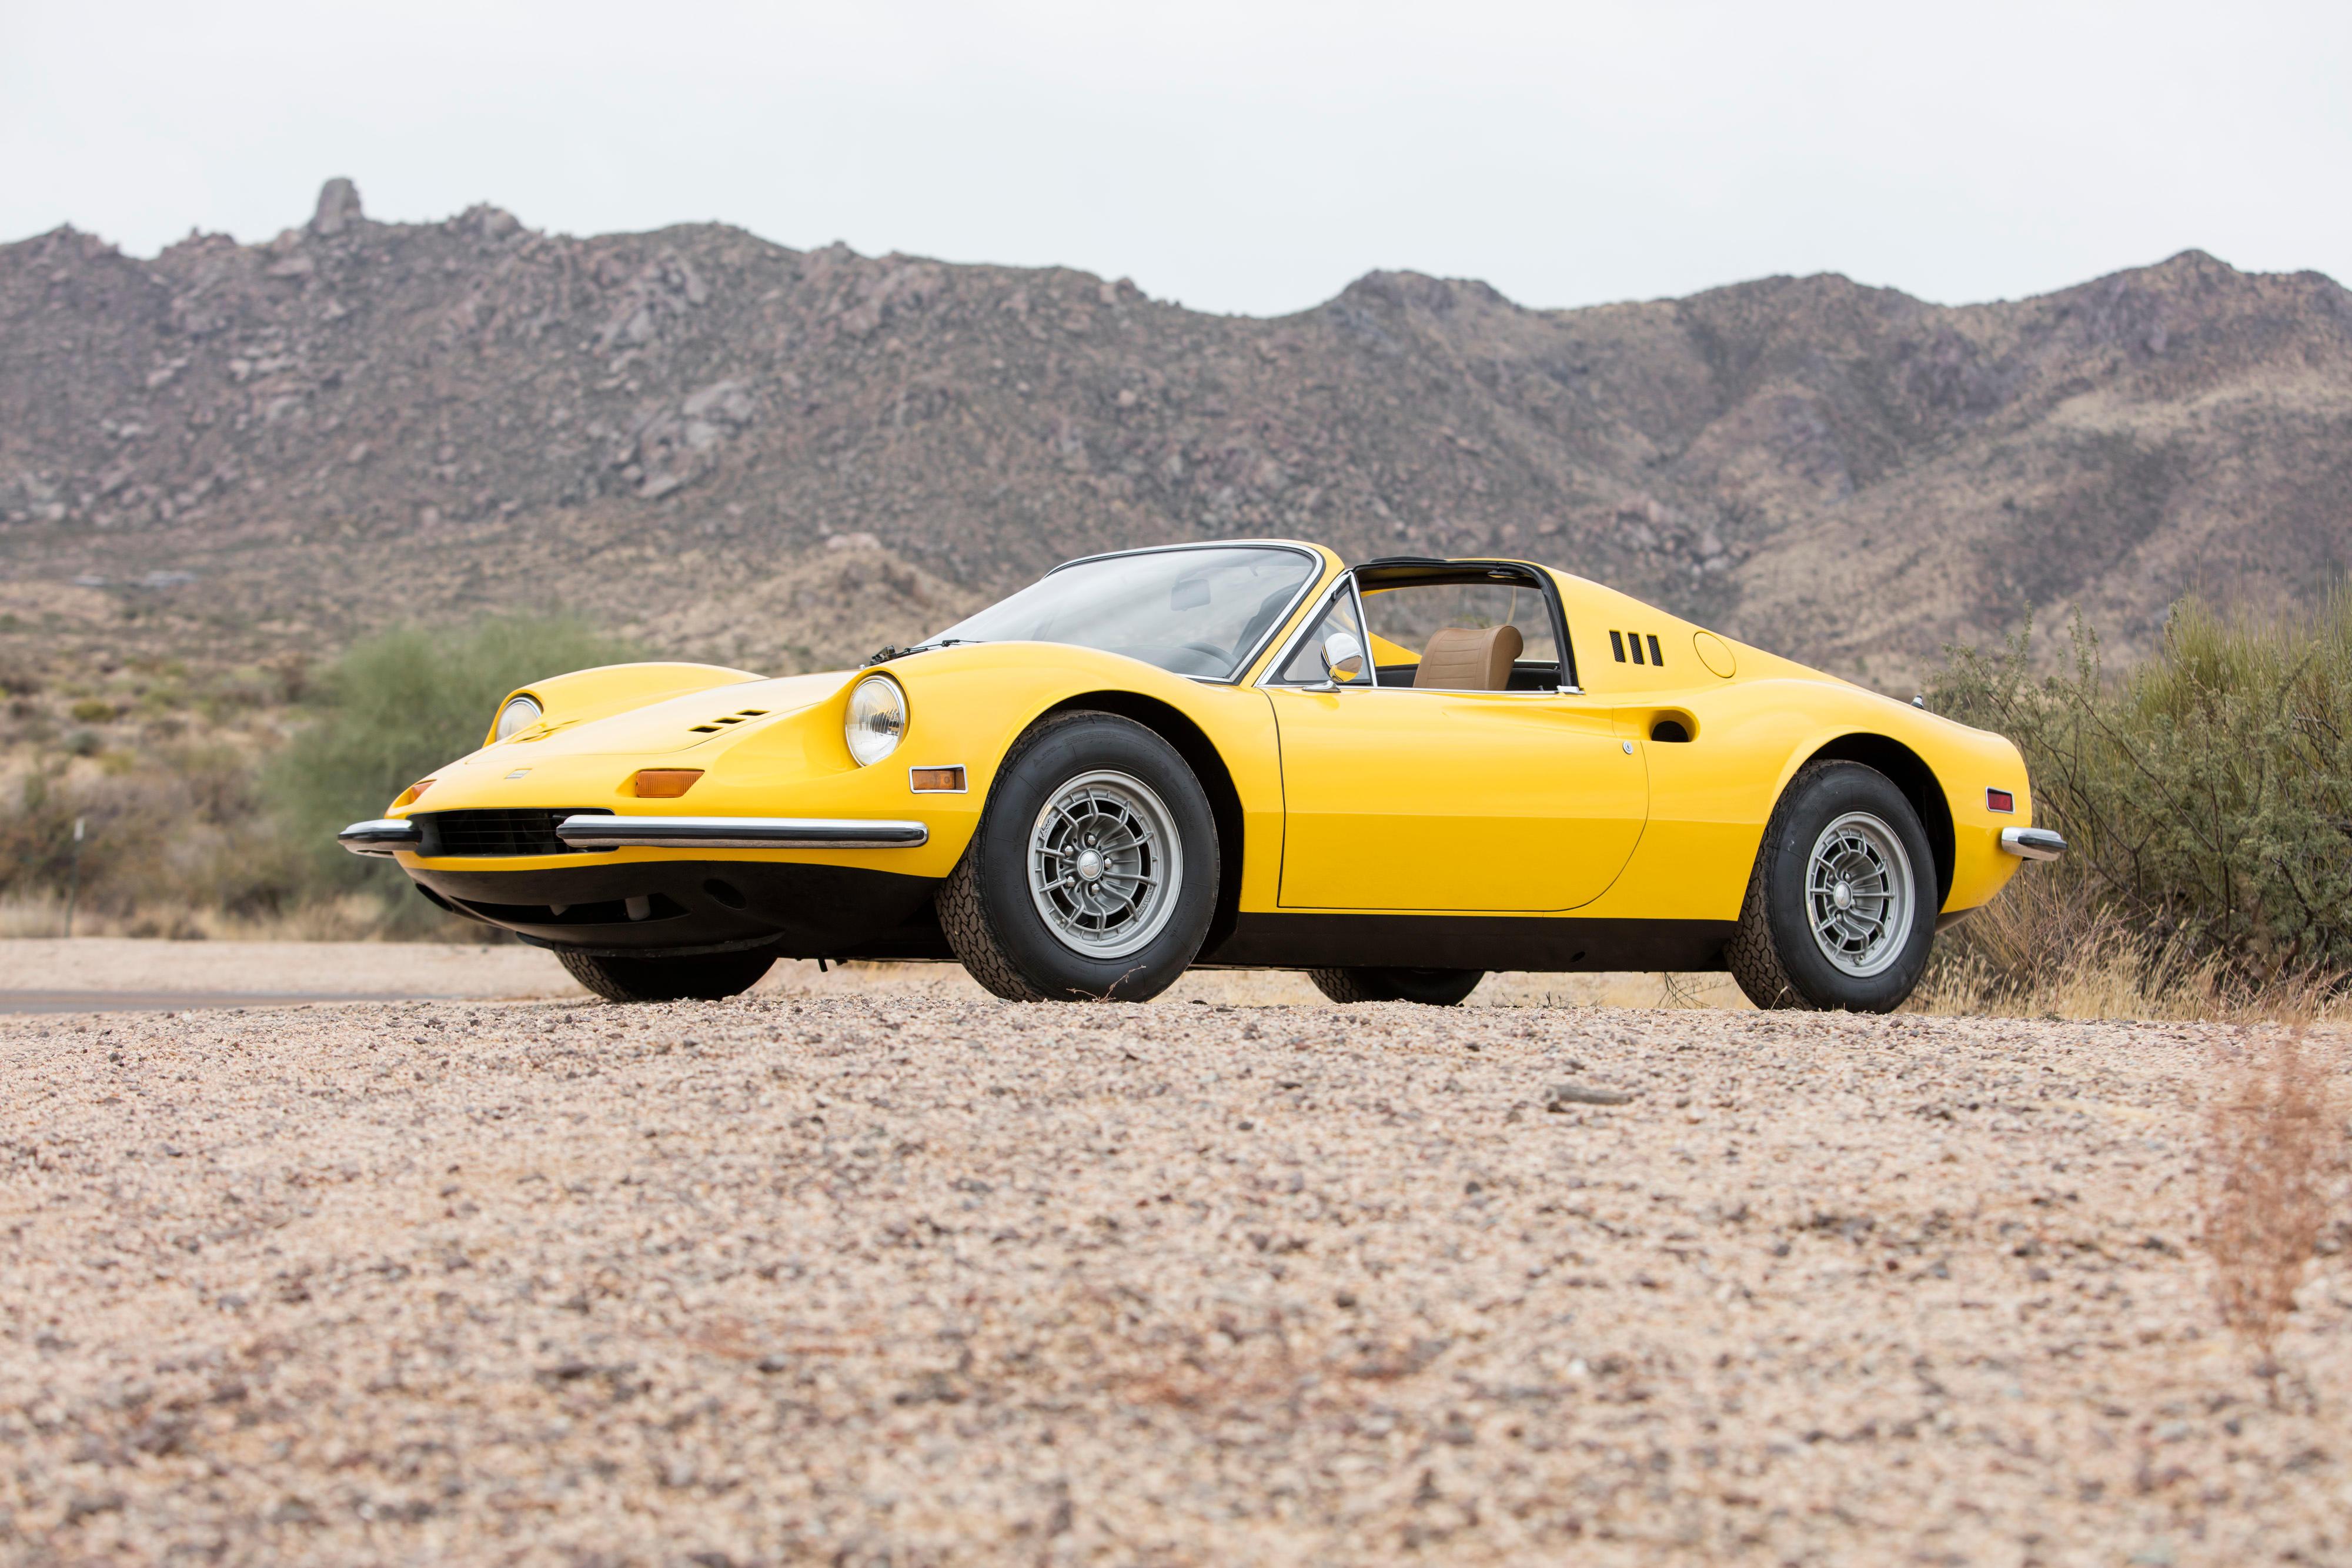 1974 Ferrari Dino 246 Gts Coachwork By Scaglietti Design By Pininfarina Chassis No 08474 Engine No 0012054 Auktionen Preisarchiv